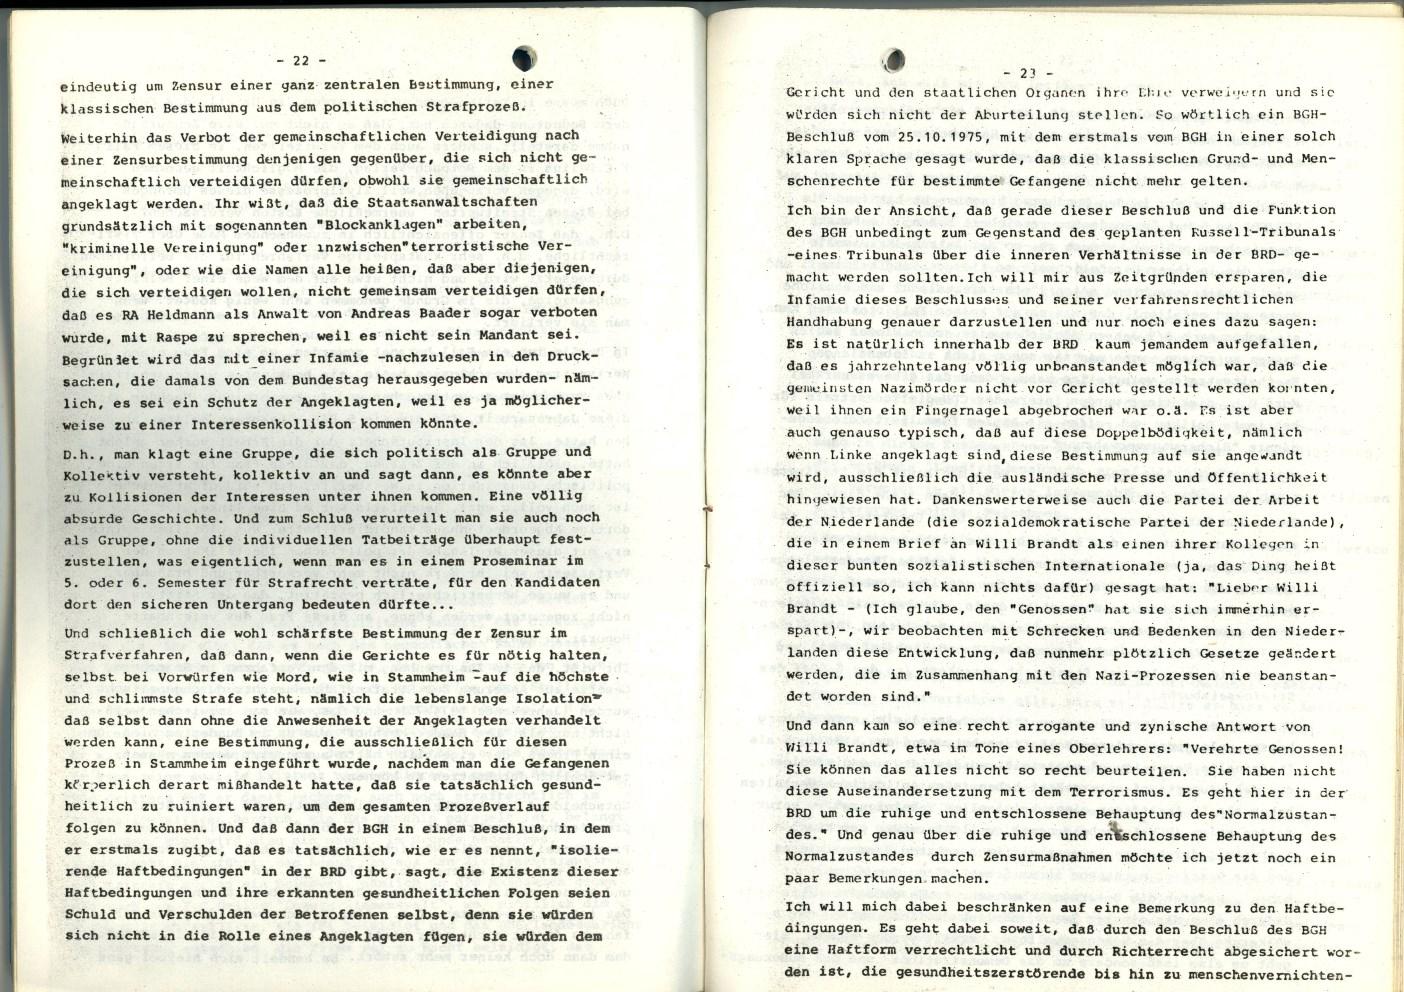 Hamburg_Vorbereitungsgruppe_Russell_Tribunal_Zensur_1978_12